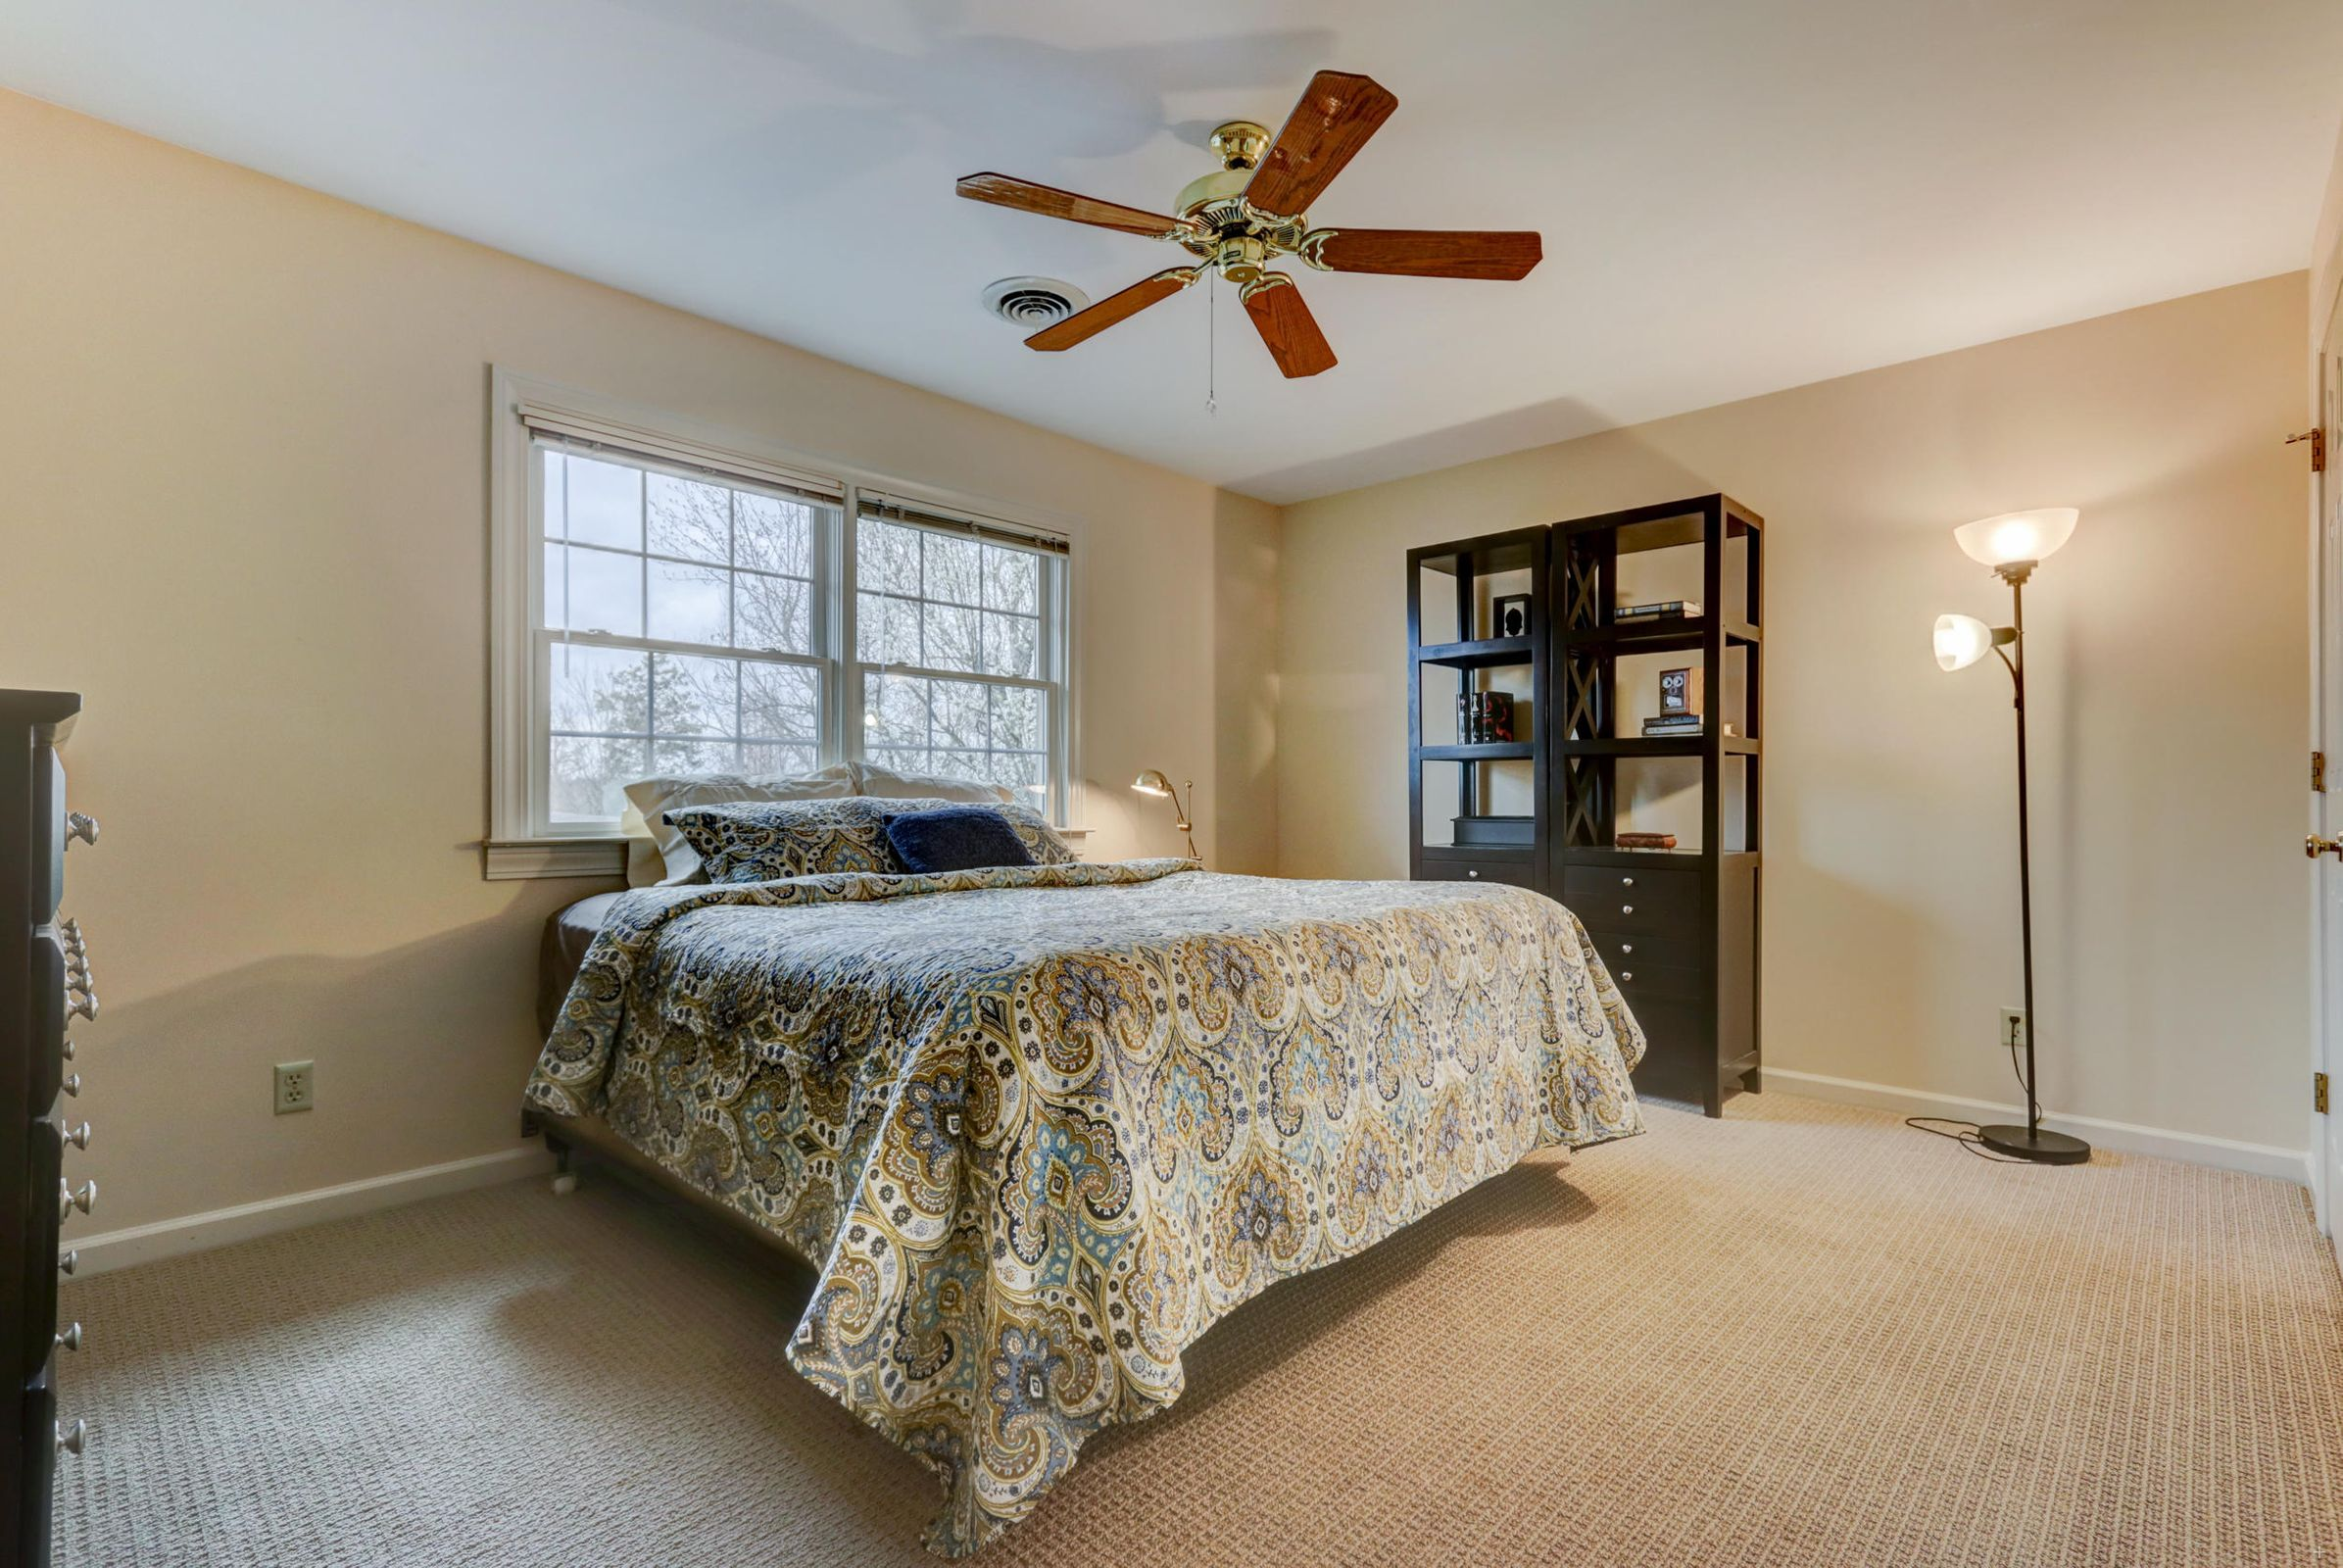 4then-suitebedroom